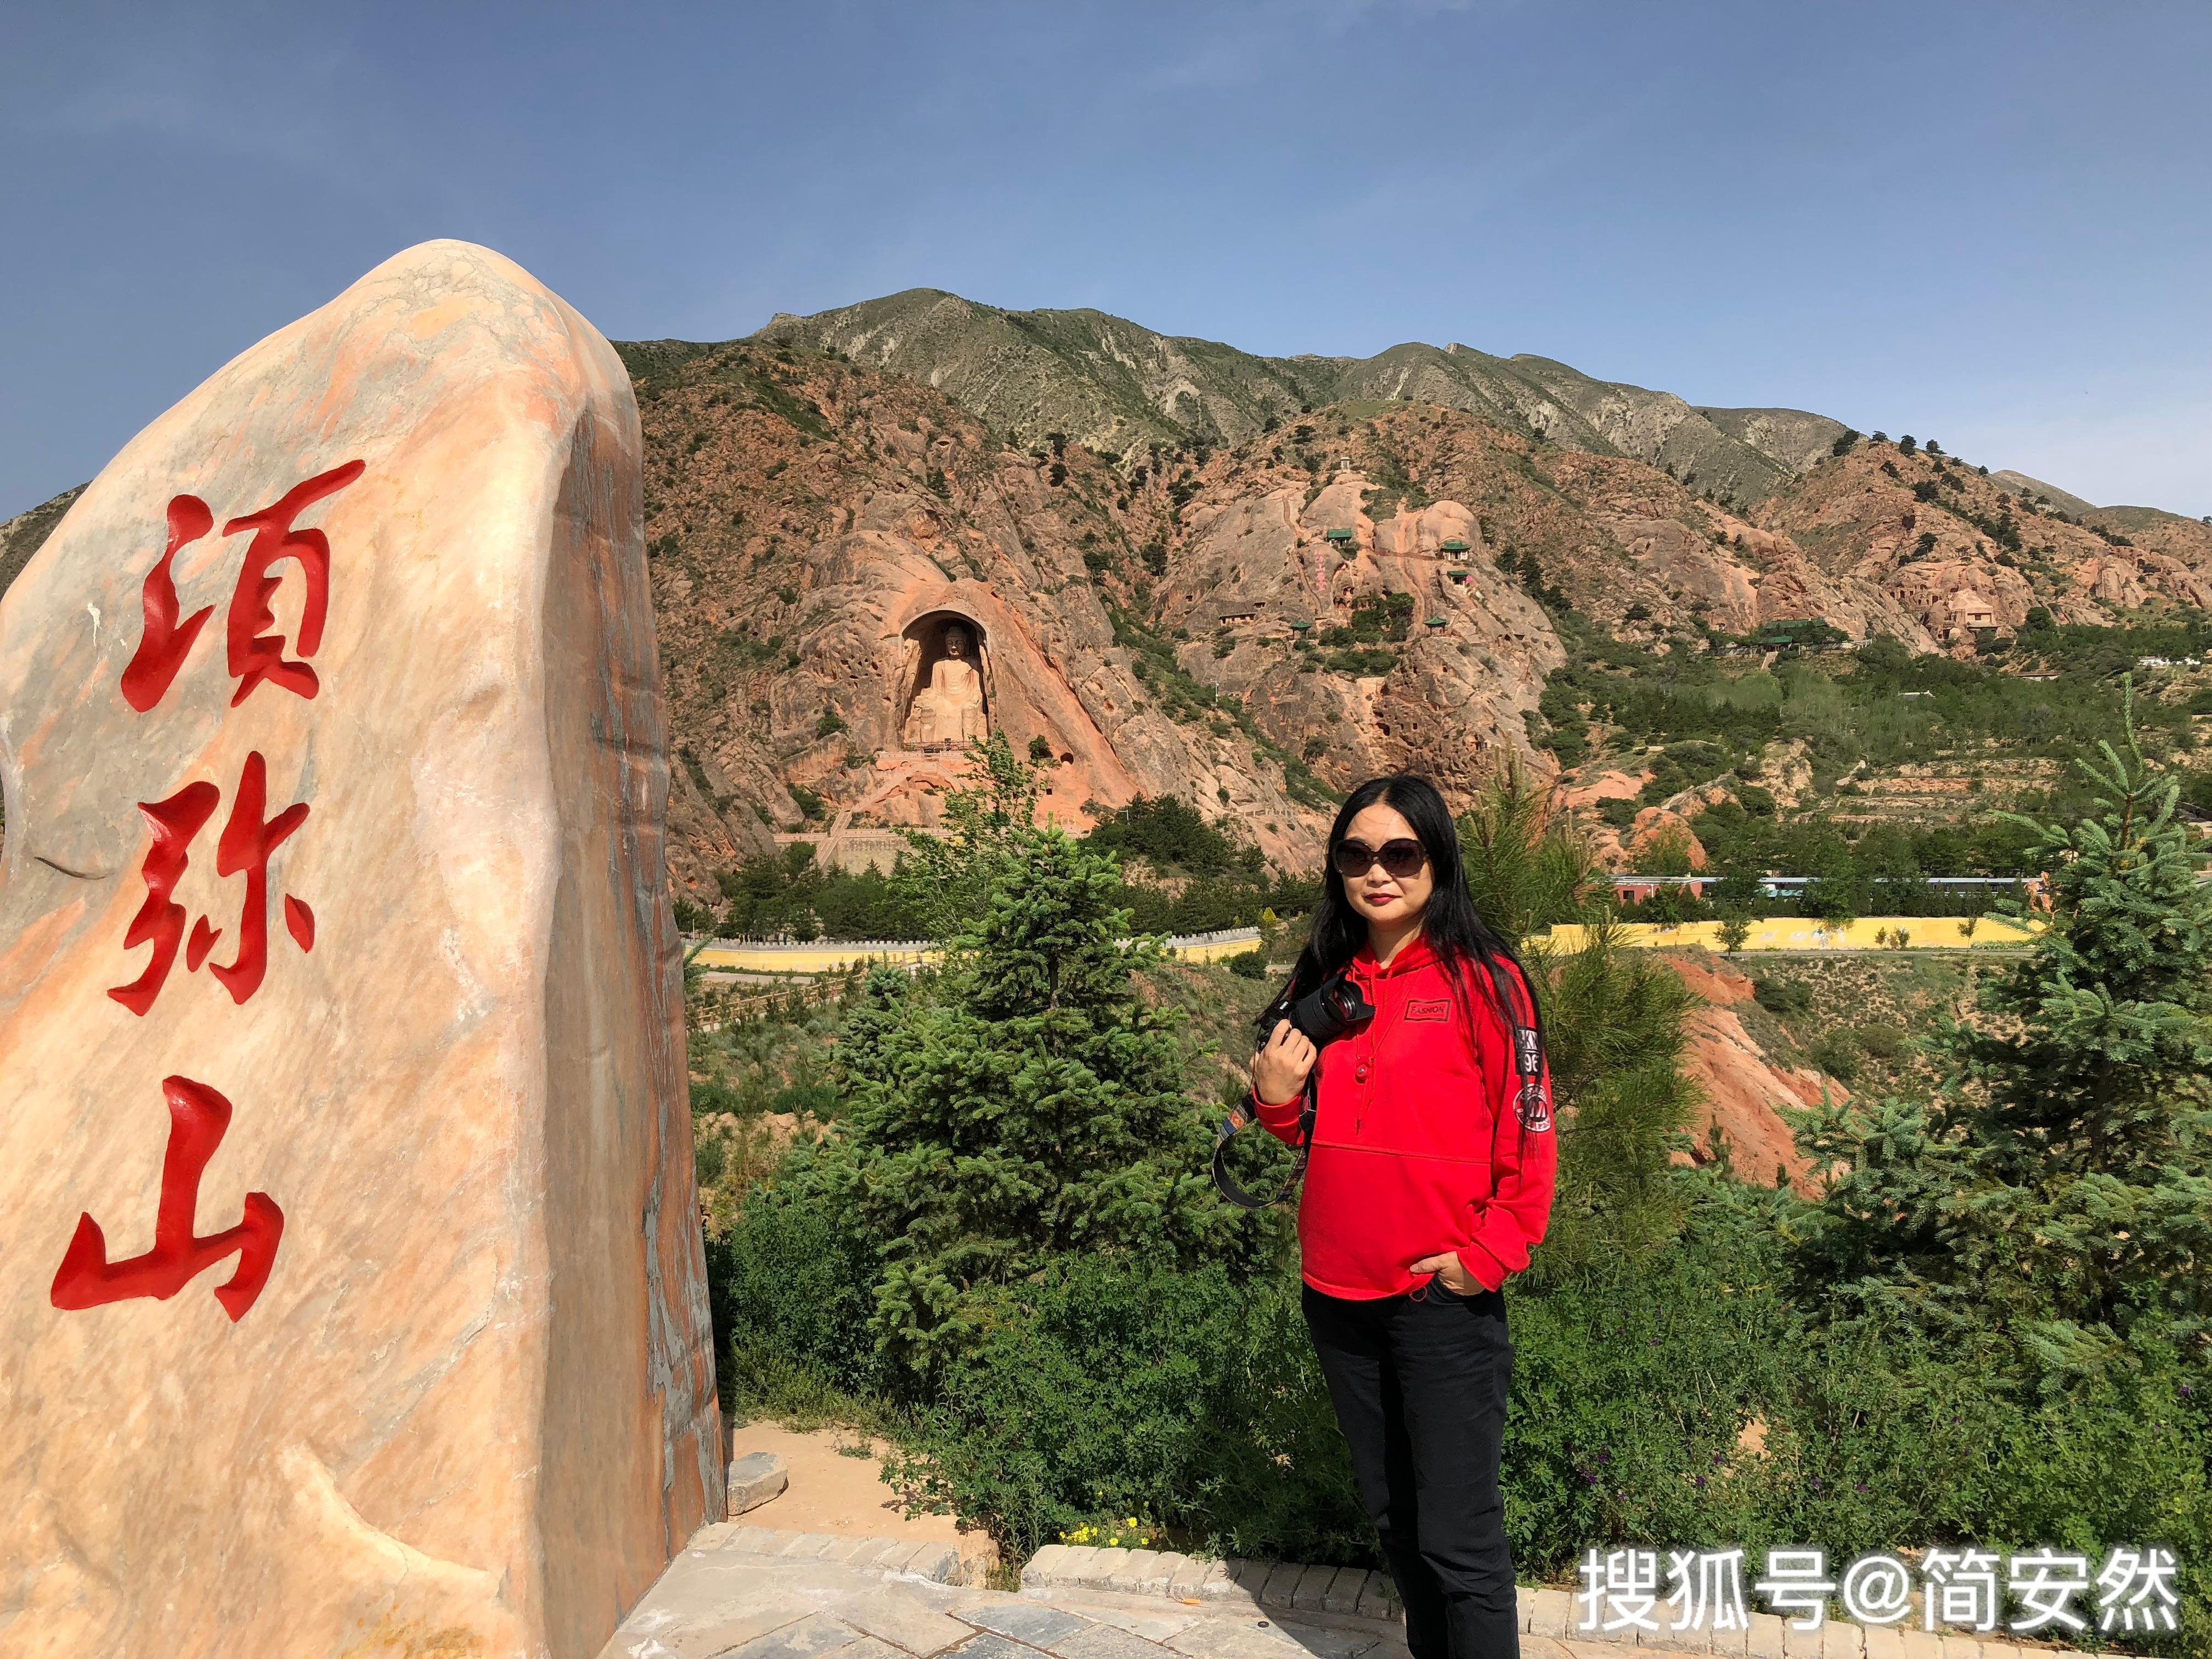 宁夏一座山,数百尊千年石窟佛像,开凿建造成未解之谜